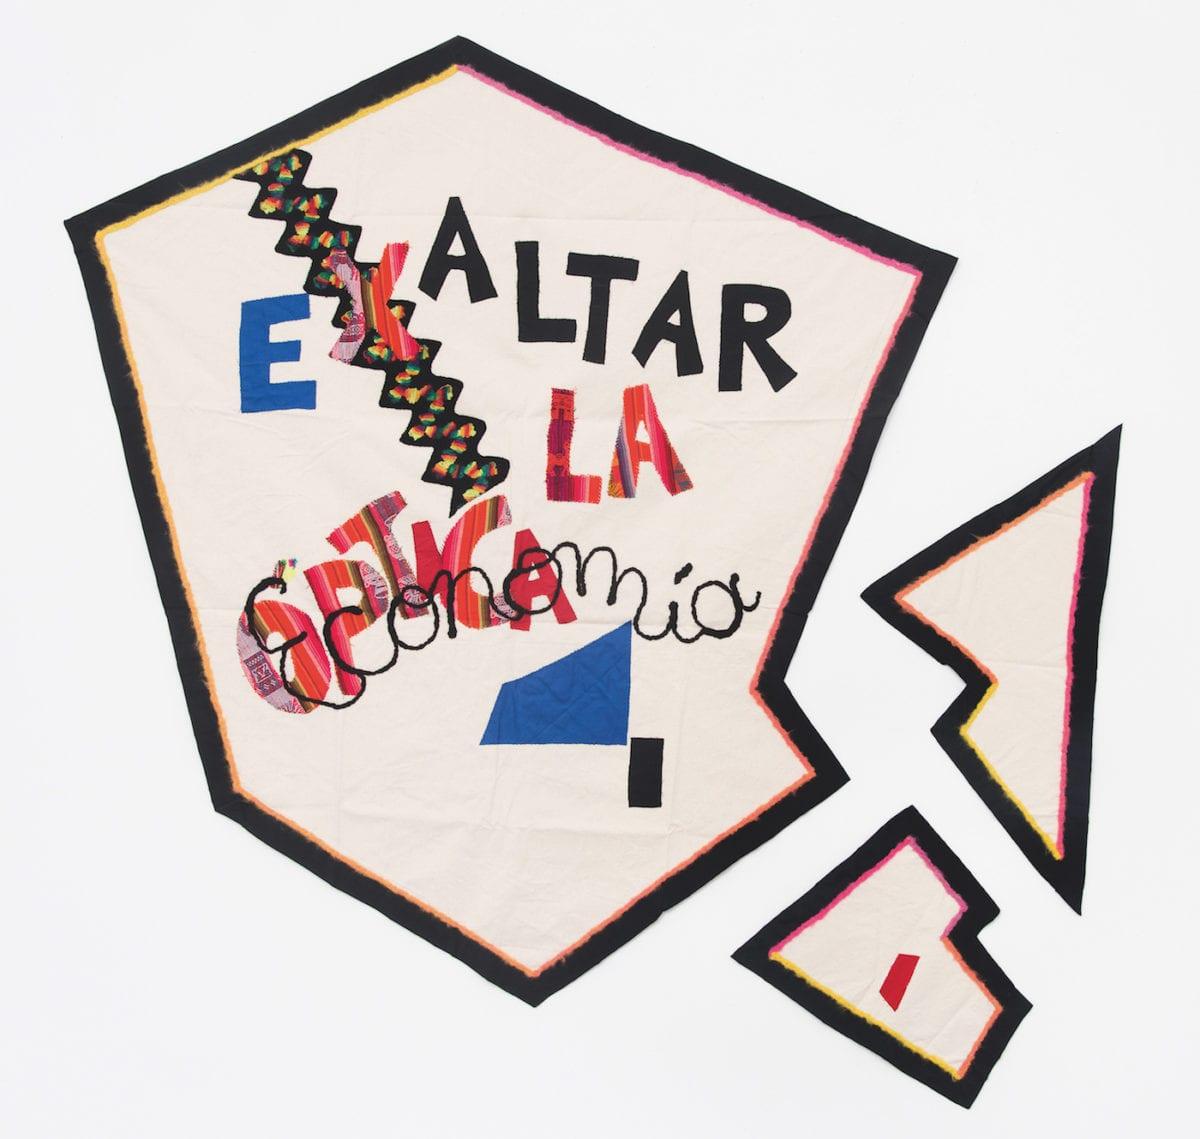 LUCRECIA LIONTI EXALTAR LA ECONOMÍA, 2018, Presented by Walden